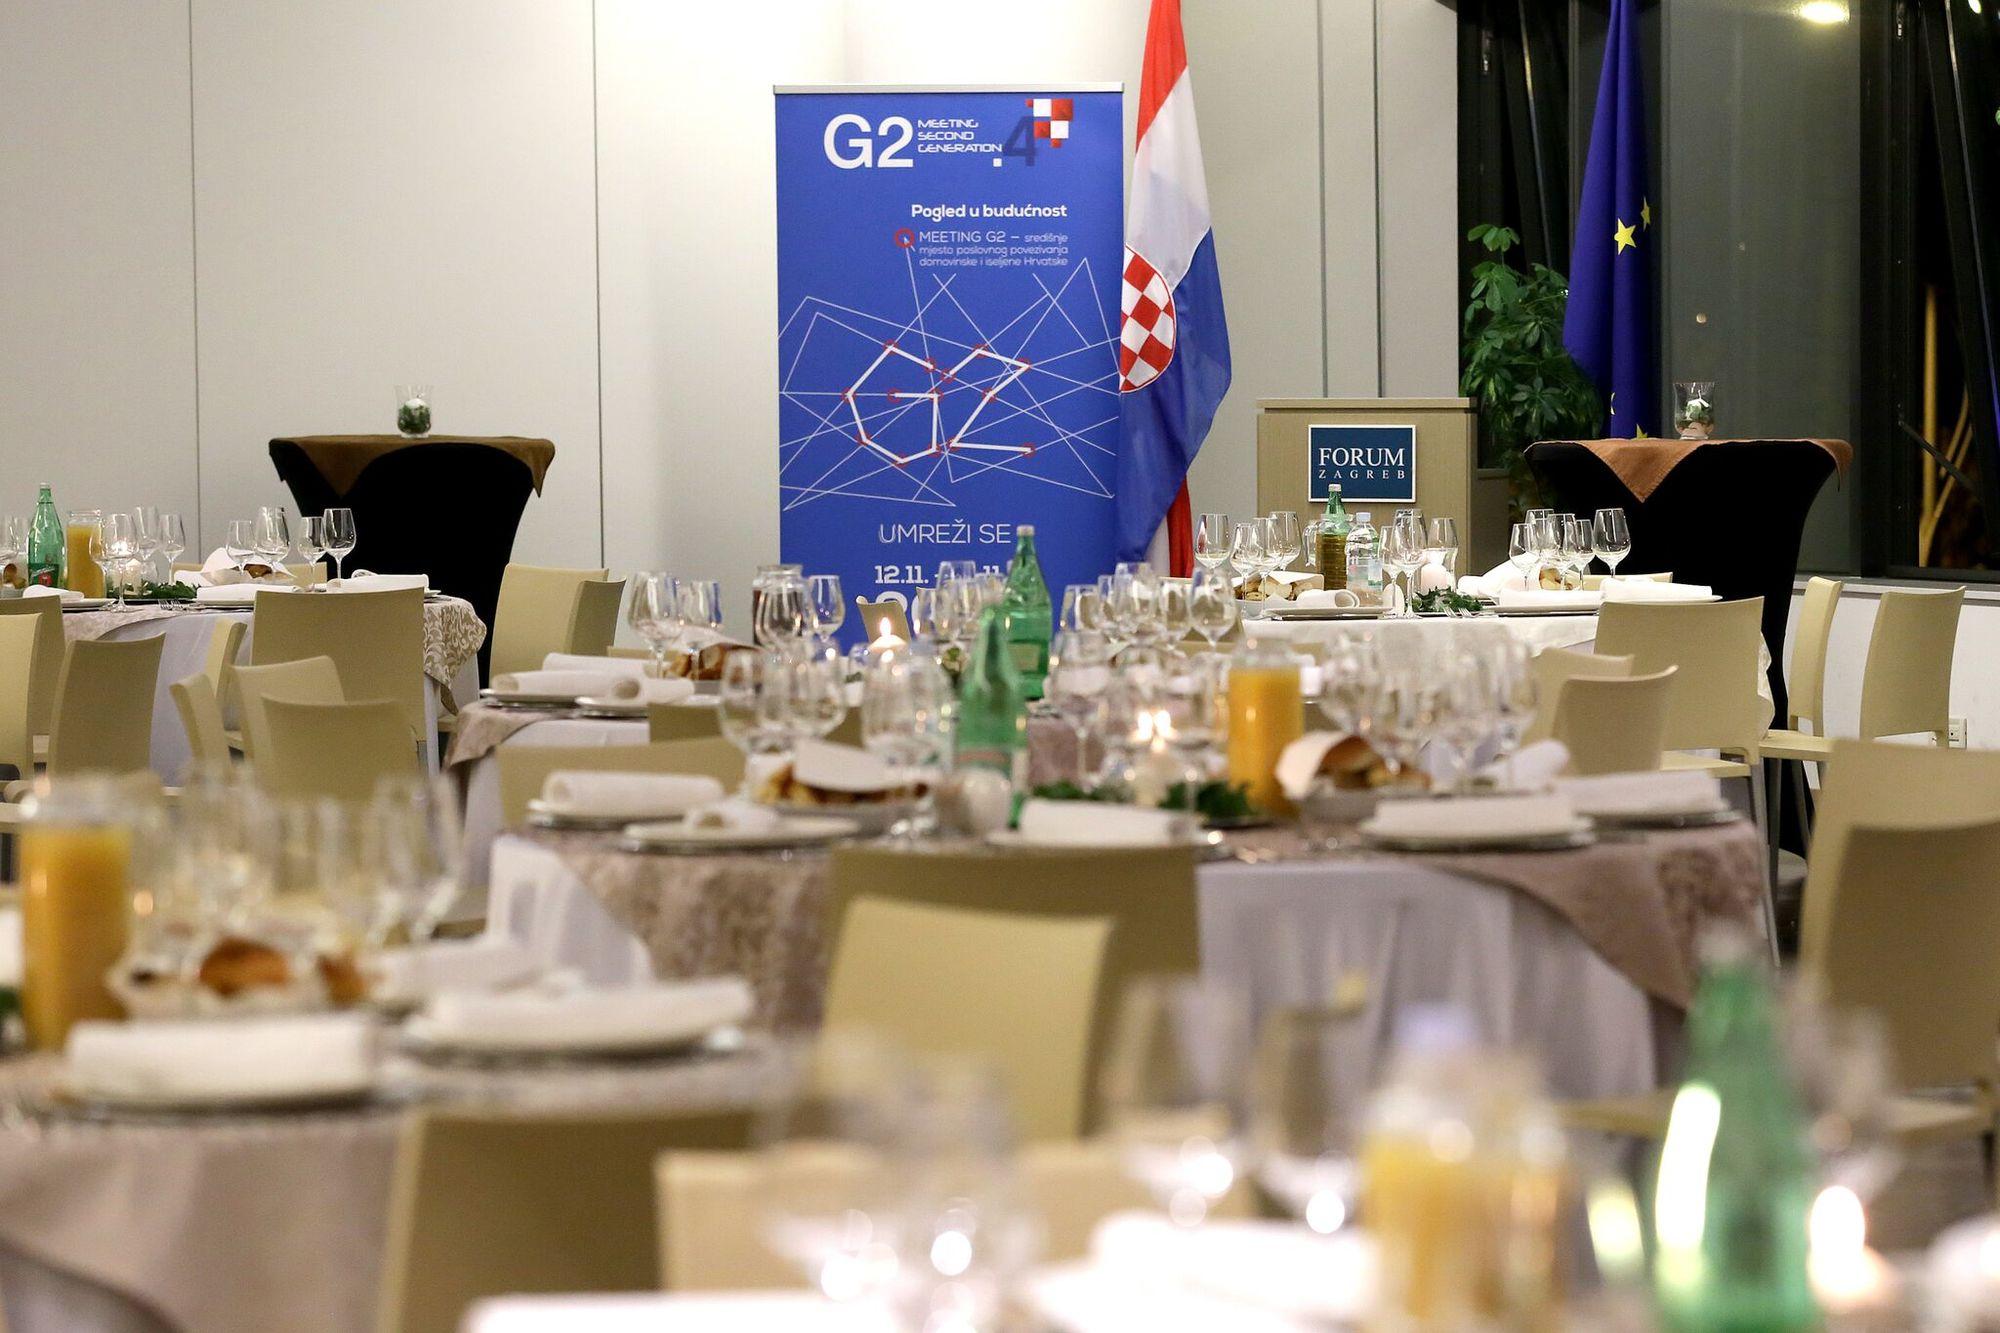 生活在克罗地亚的外国人:成为你想看到的改变(G2会议+更多)。